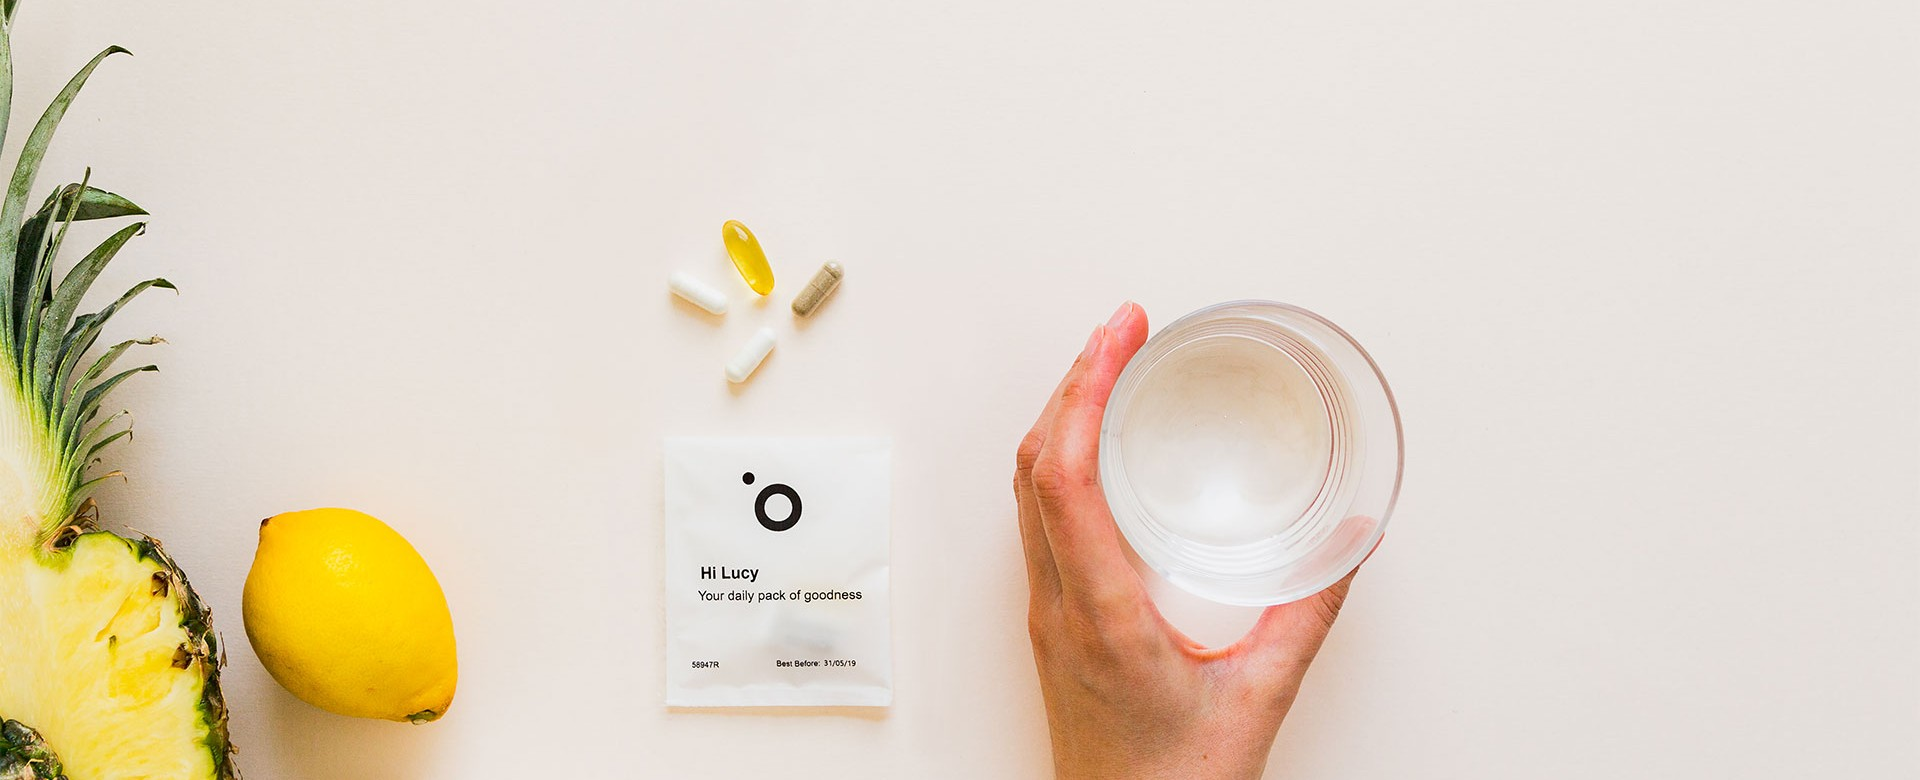 Vive, Personalised vitamins